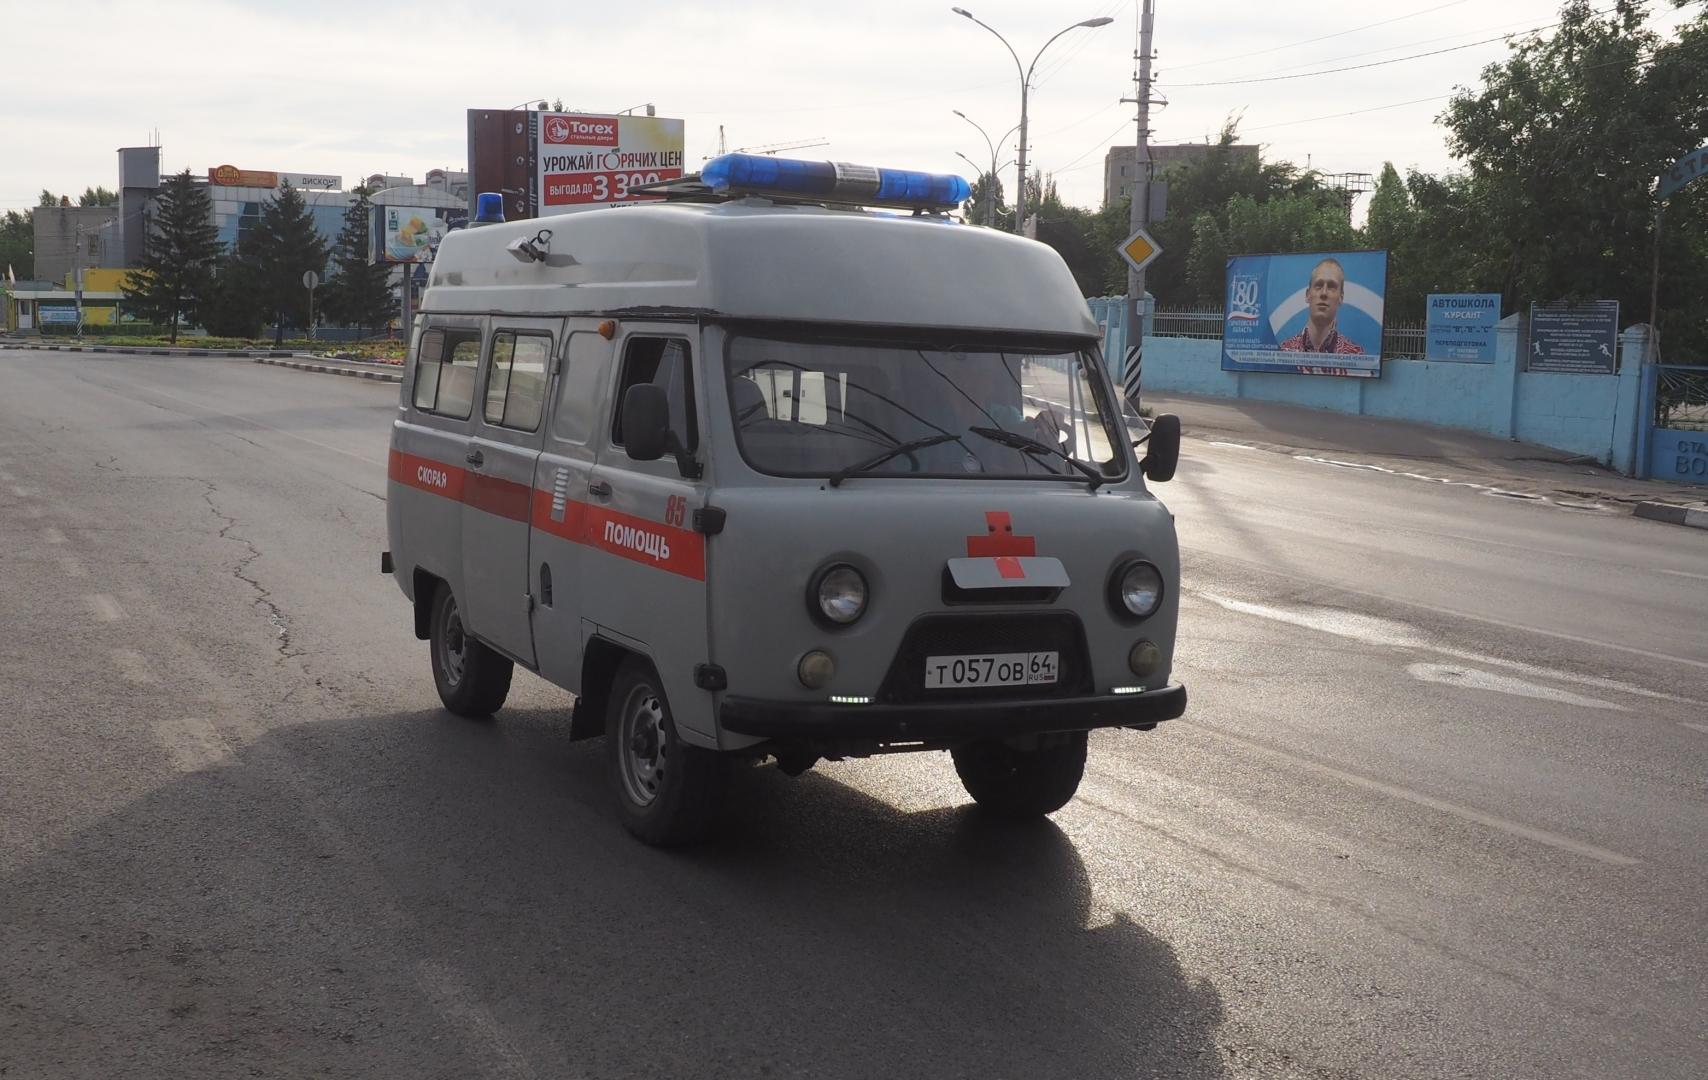 авария уфа Toyota Crown житель кемеровской области #8